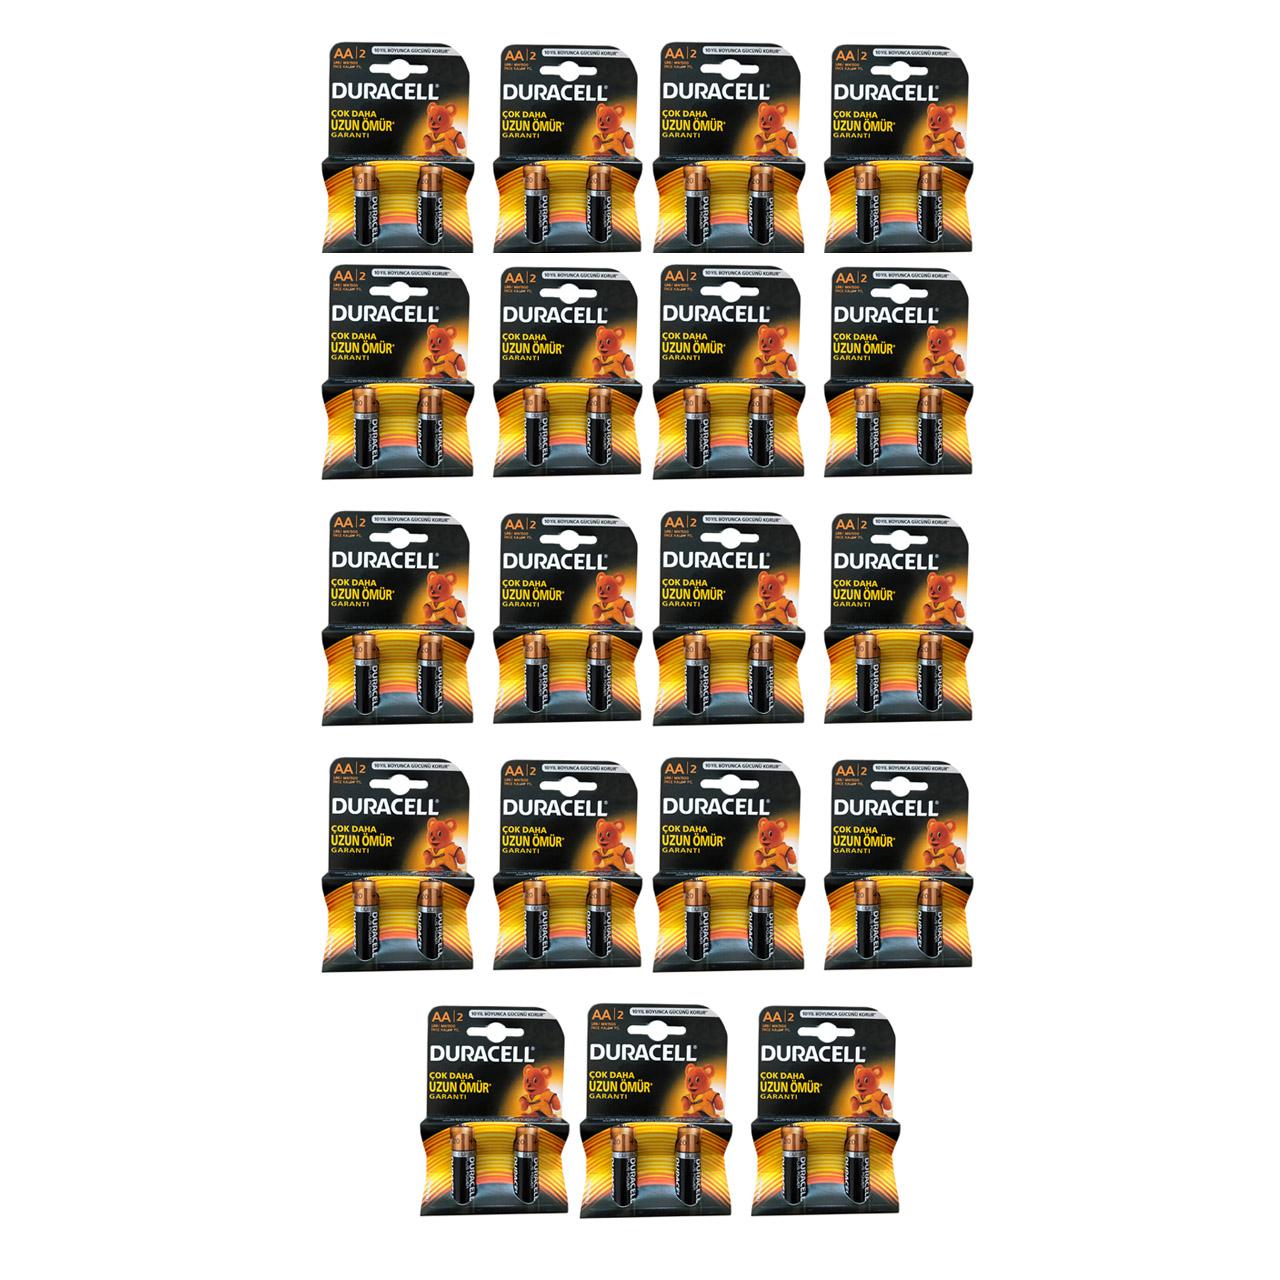 بررسی و {خرید با تخفیف} باتری قلمی دوراسل مدل SH-782 بسته 38 عددی اصل